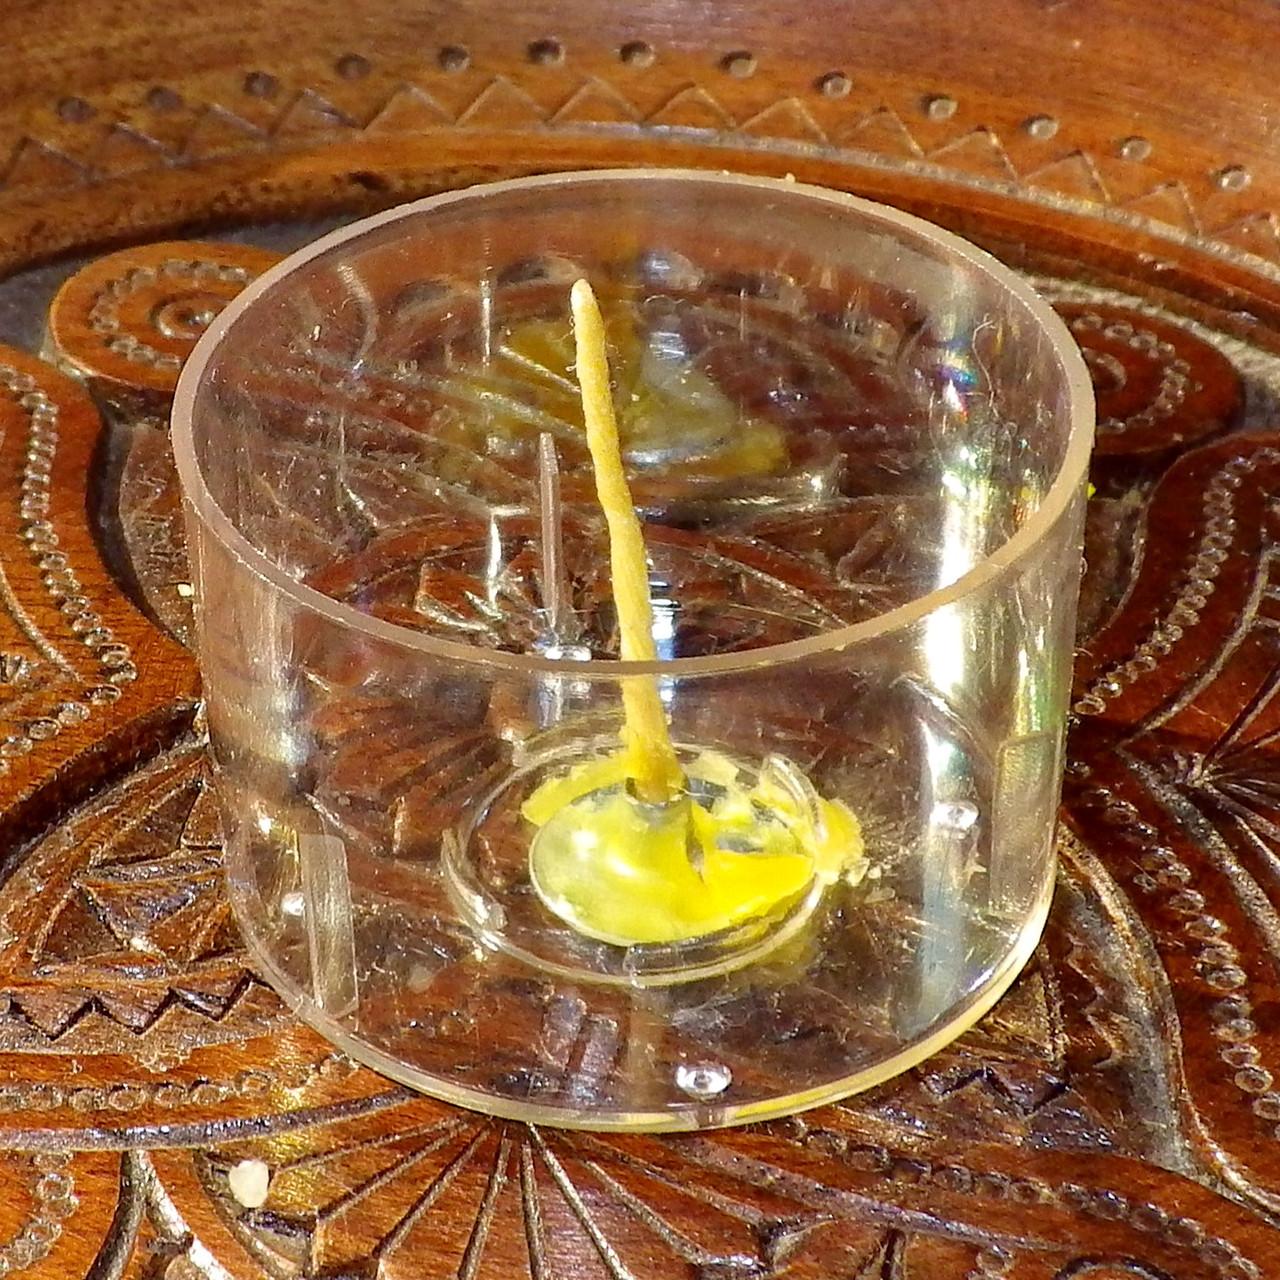 Набор для изготовления чайной свечи с содержанием воска 24г (контейнер чайной свечи, фиксатор фитиля, фитиль)